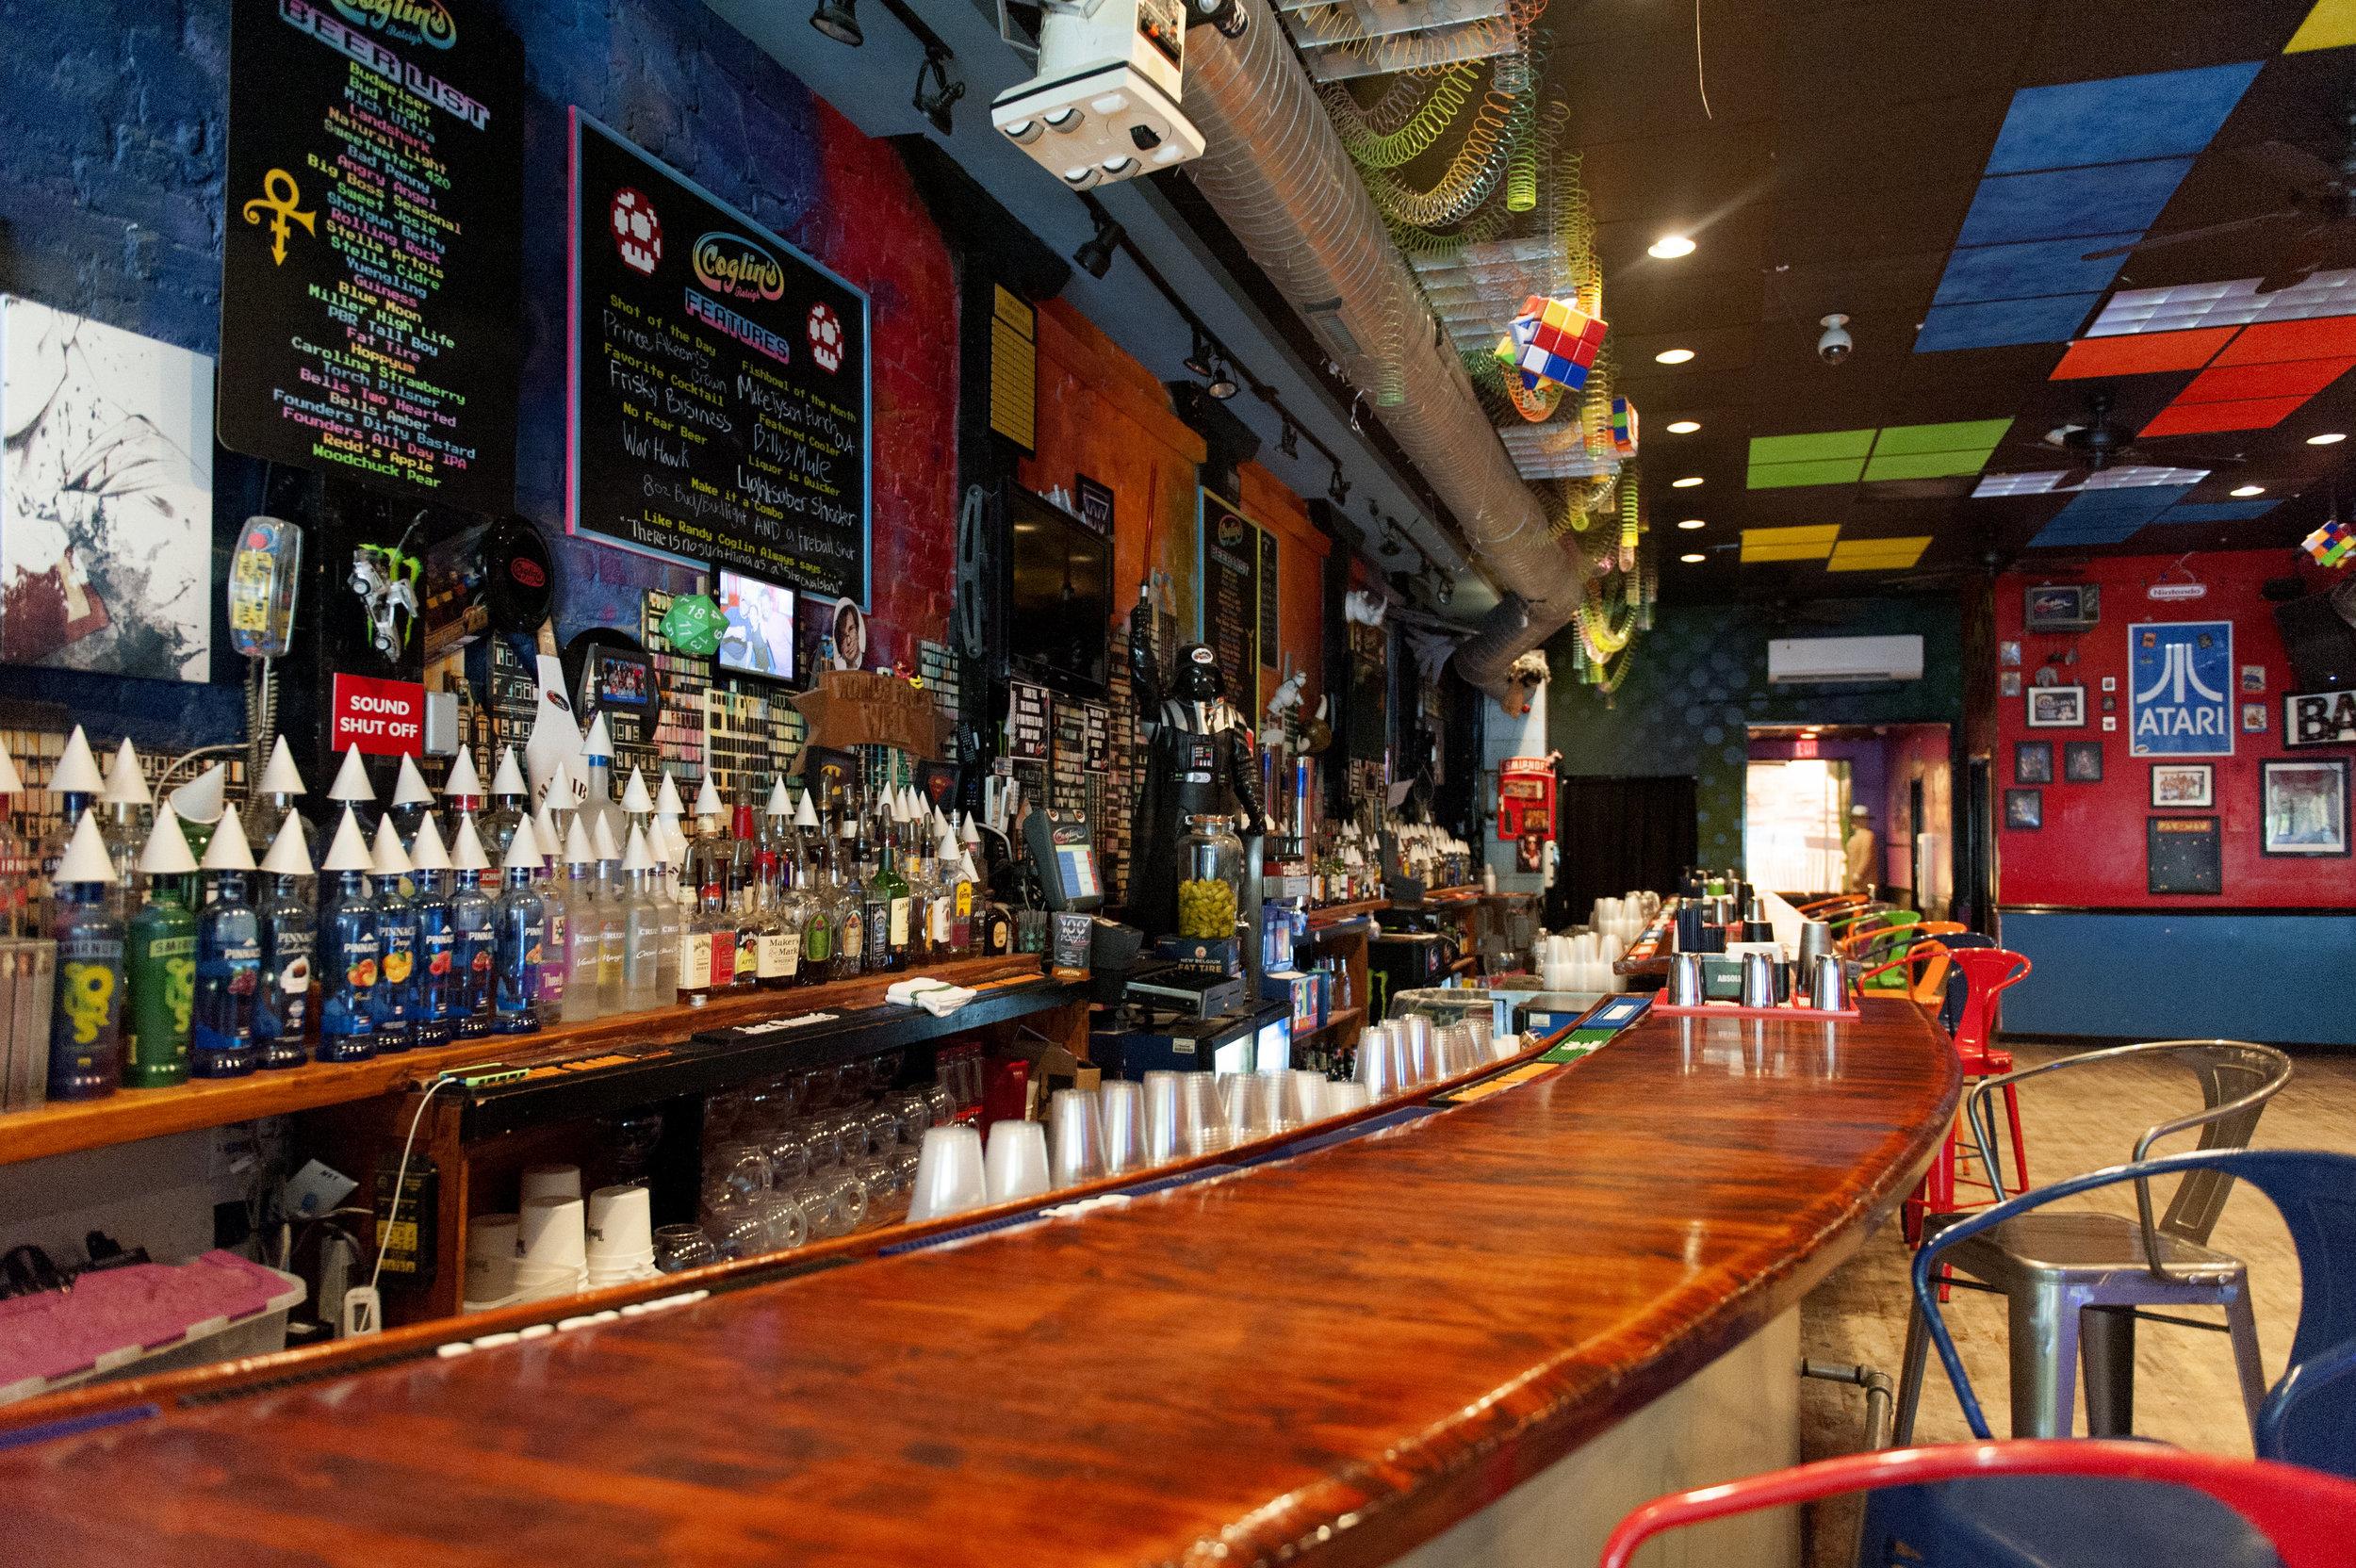 Coglin's Raleigh - The 80s & 90s Bar